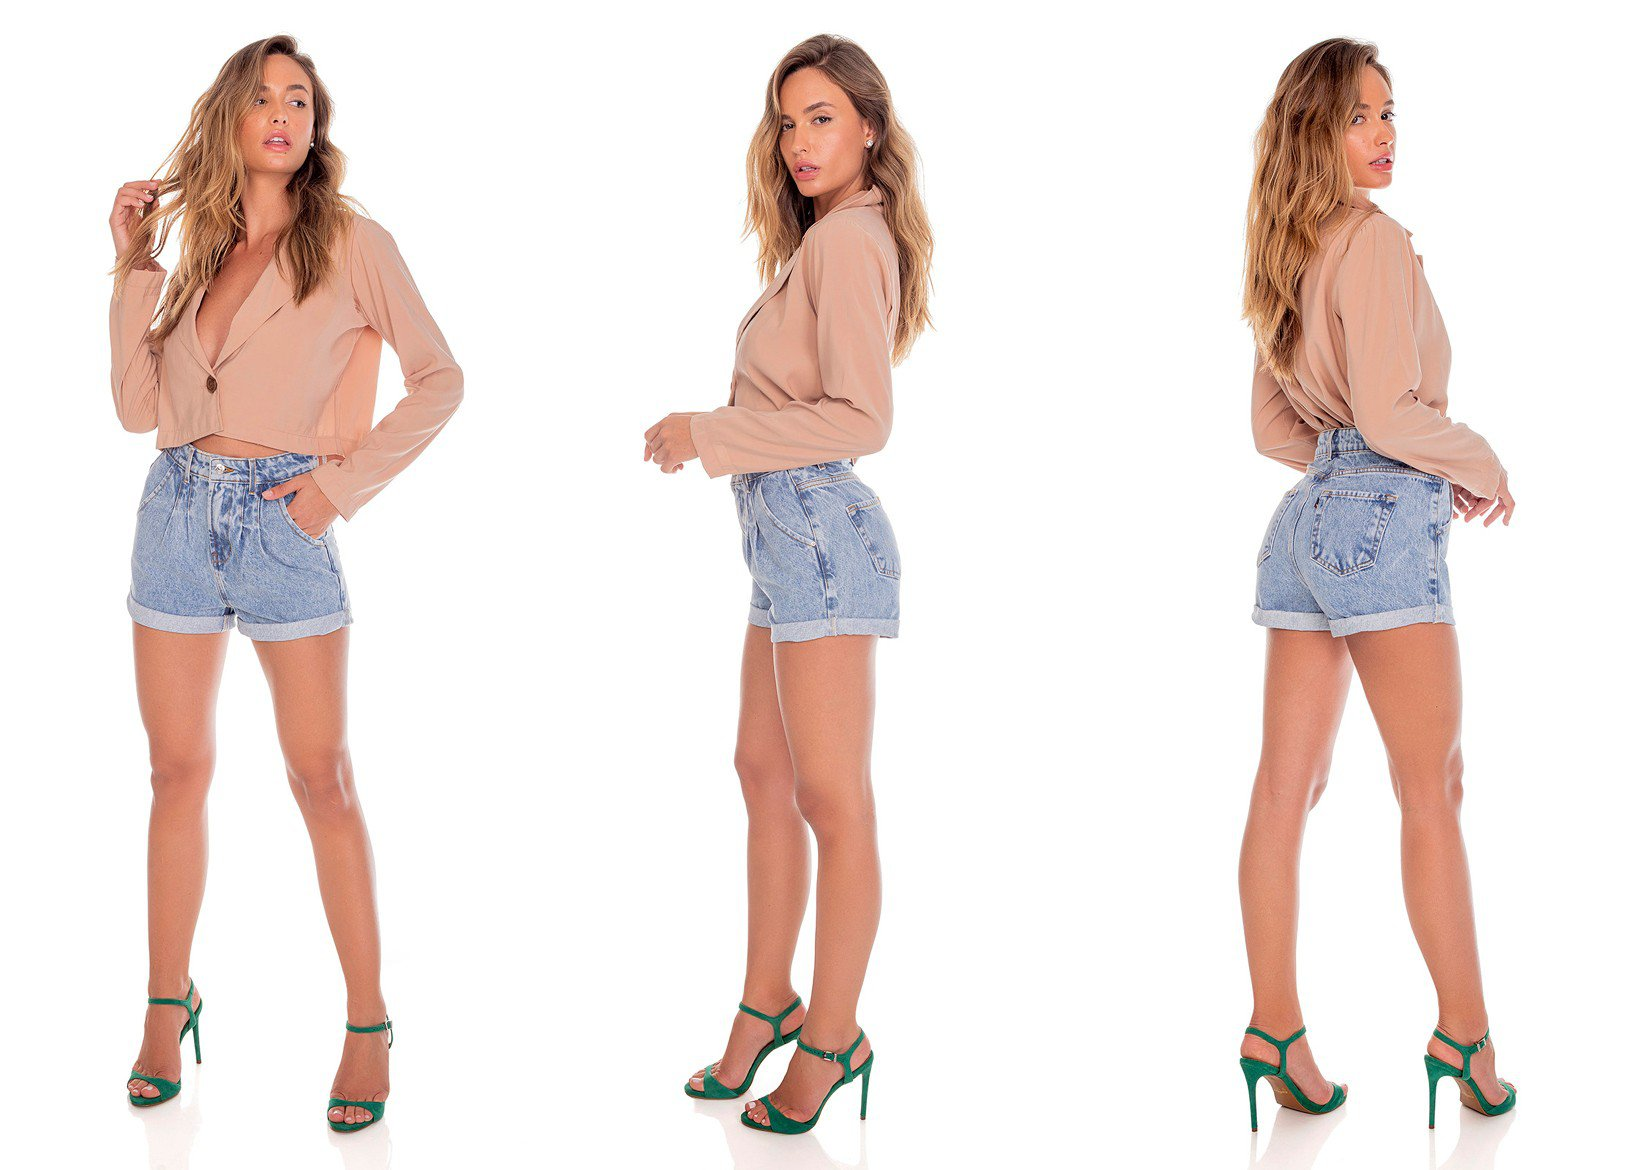 dz6443 alg shorts jeans feminino setentinha pences frontais denim zero tripla